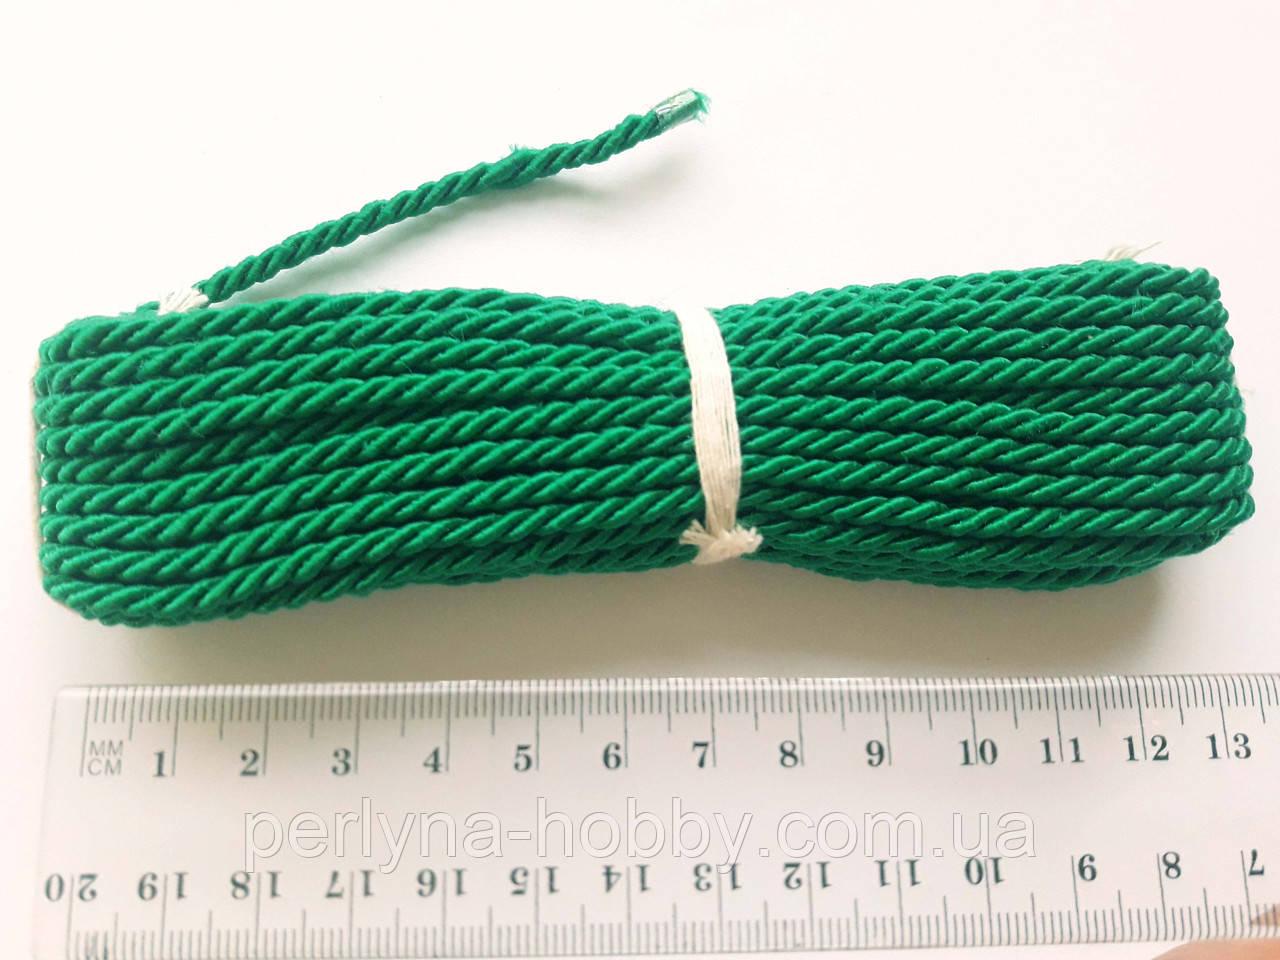 Шнур текстильний декоративний, зелений смарагдовий.  Діаметр 4 мм.  Моток 9.5-10 метрів. Туреччина.